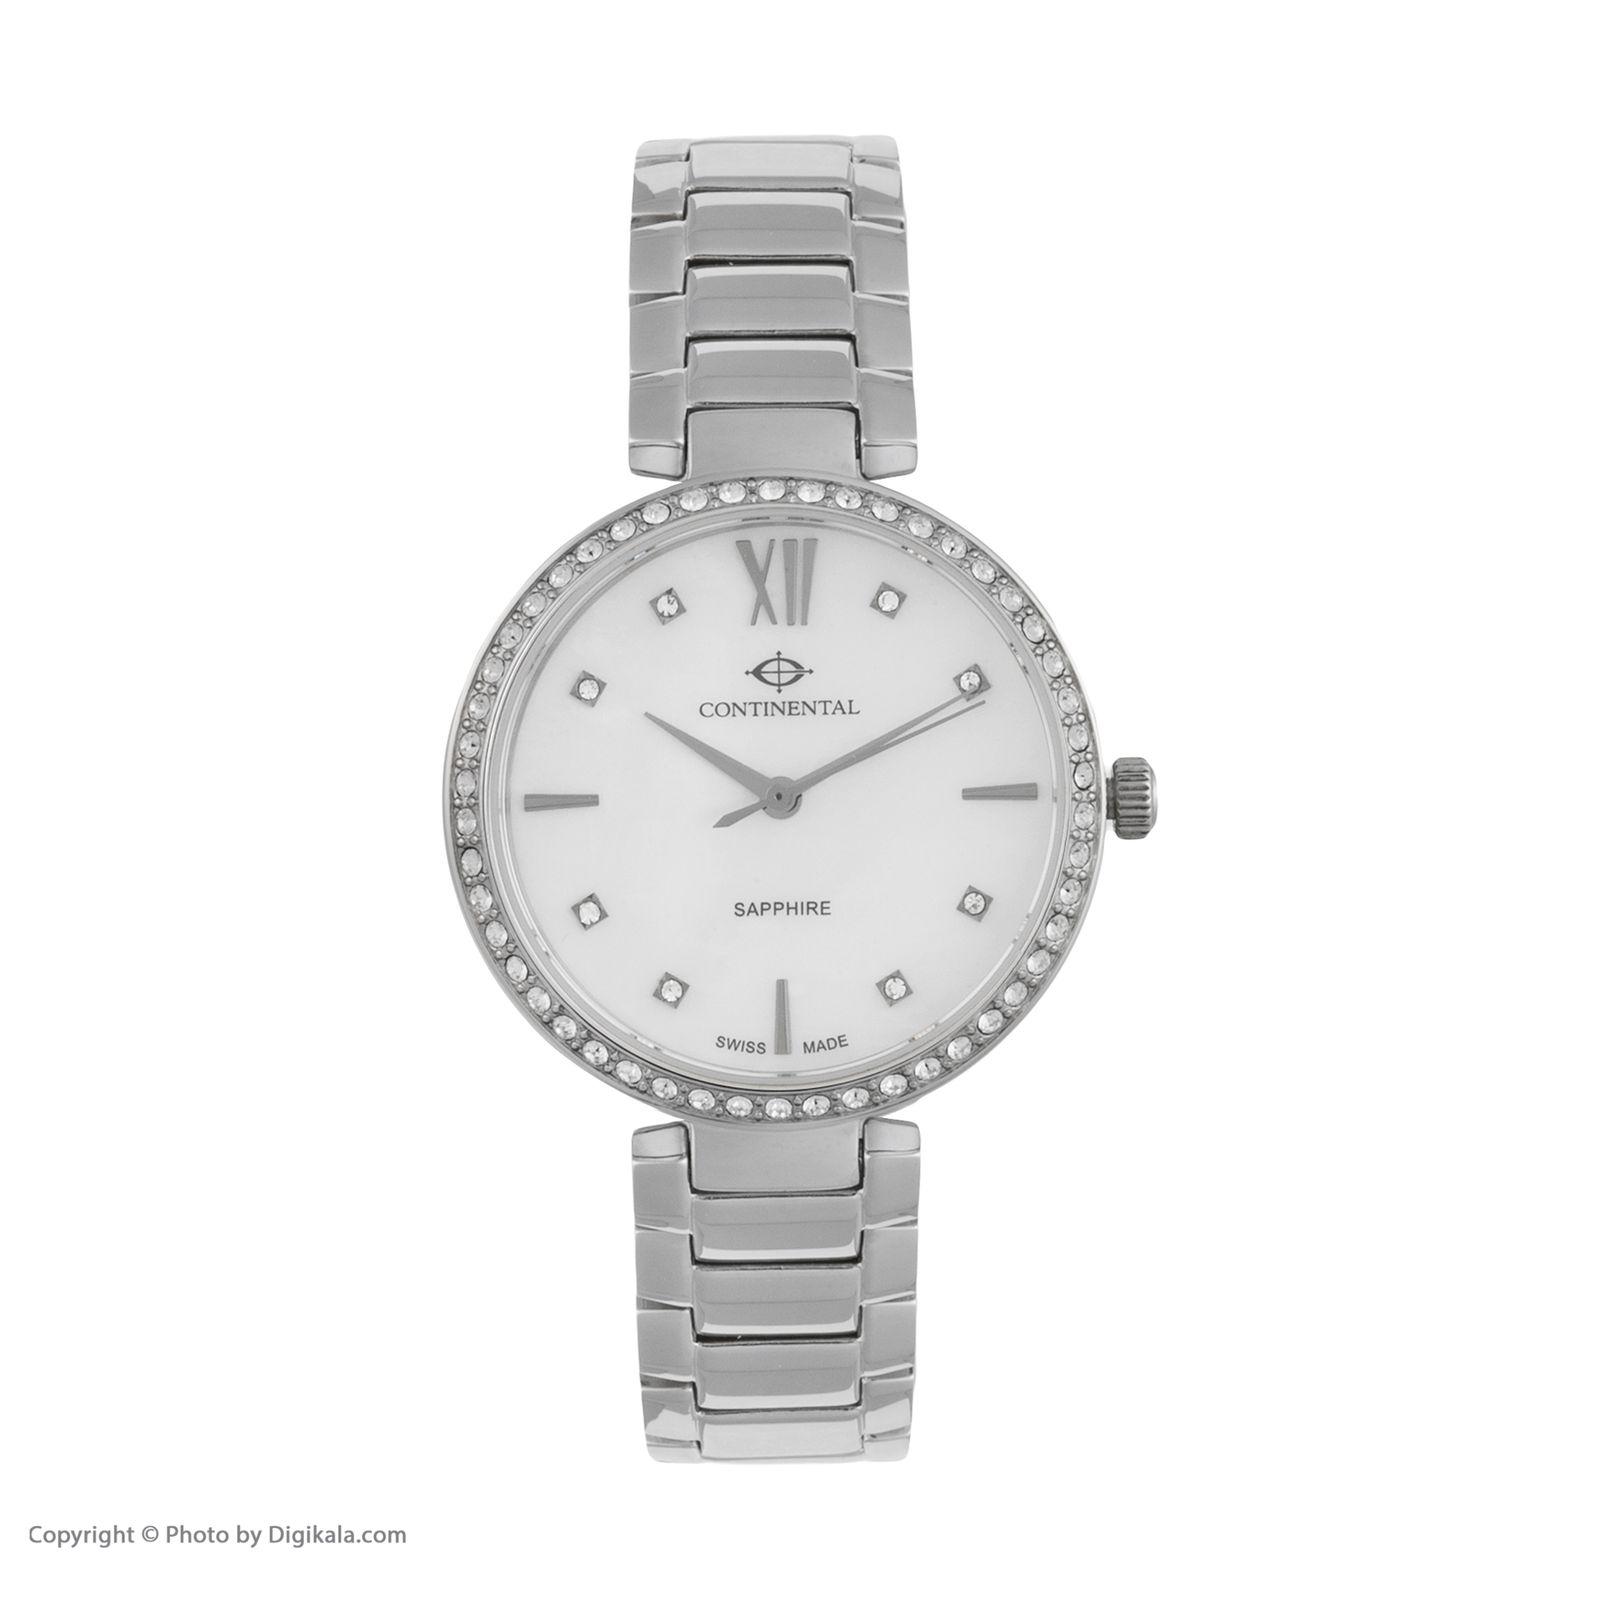 ساعت مچی عقربه ای زنانه کنتیننتال مدل 19601-LT101501 -  - 1